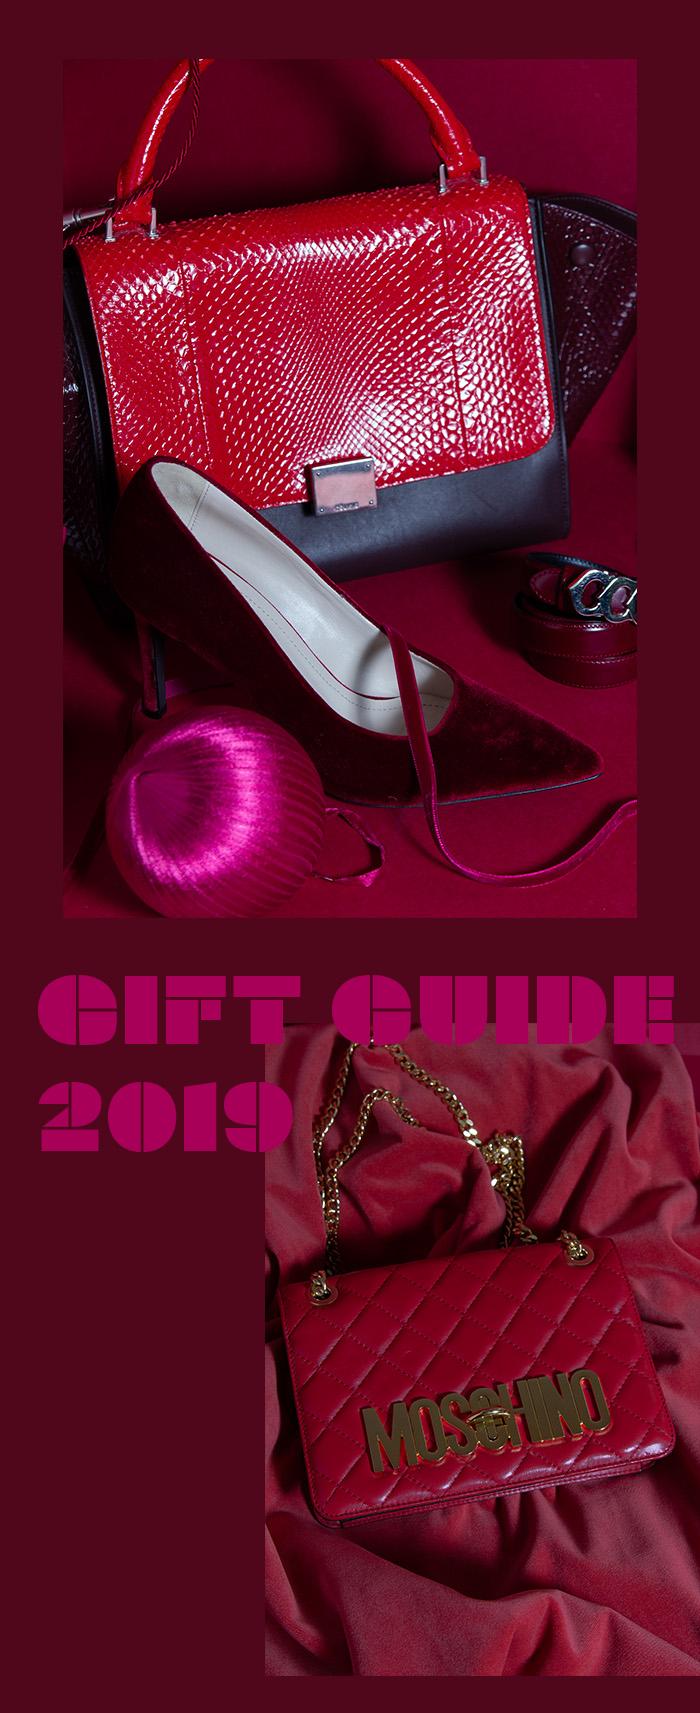 Geschenke-Guide 2019 - Weihnachtsgeschenke von SECONDELLA